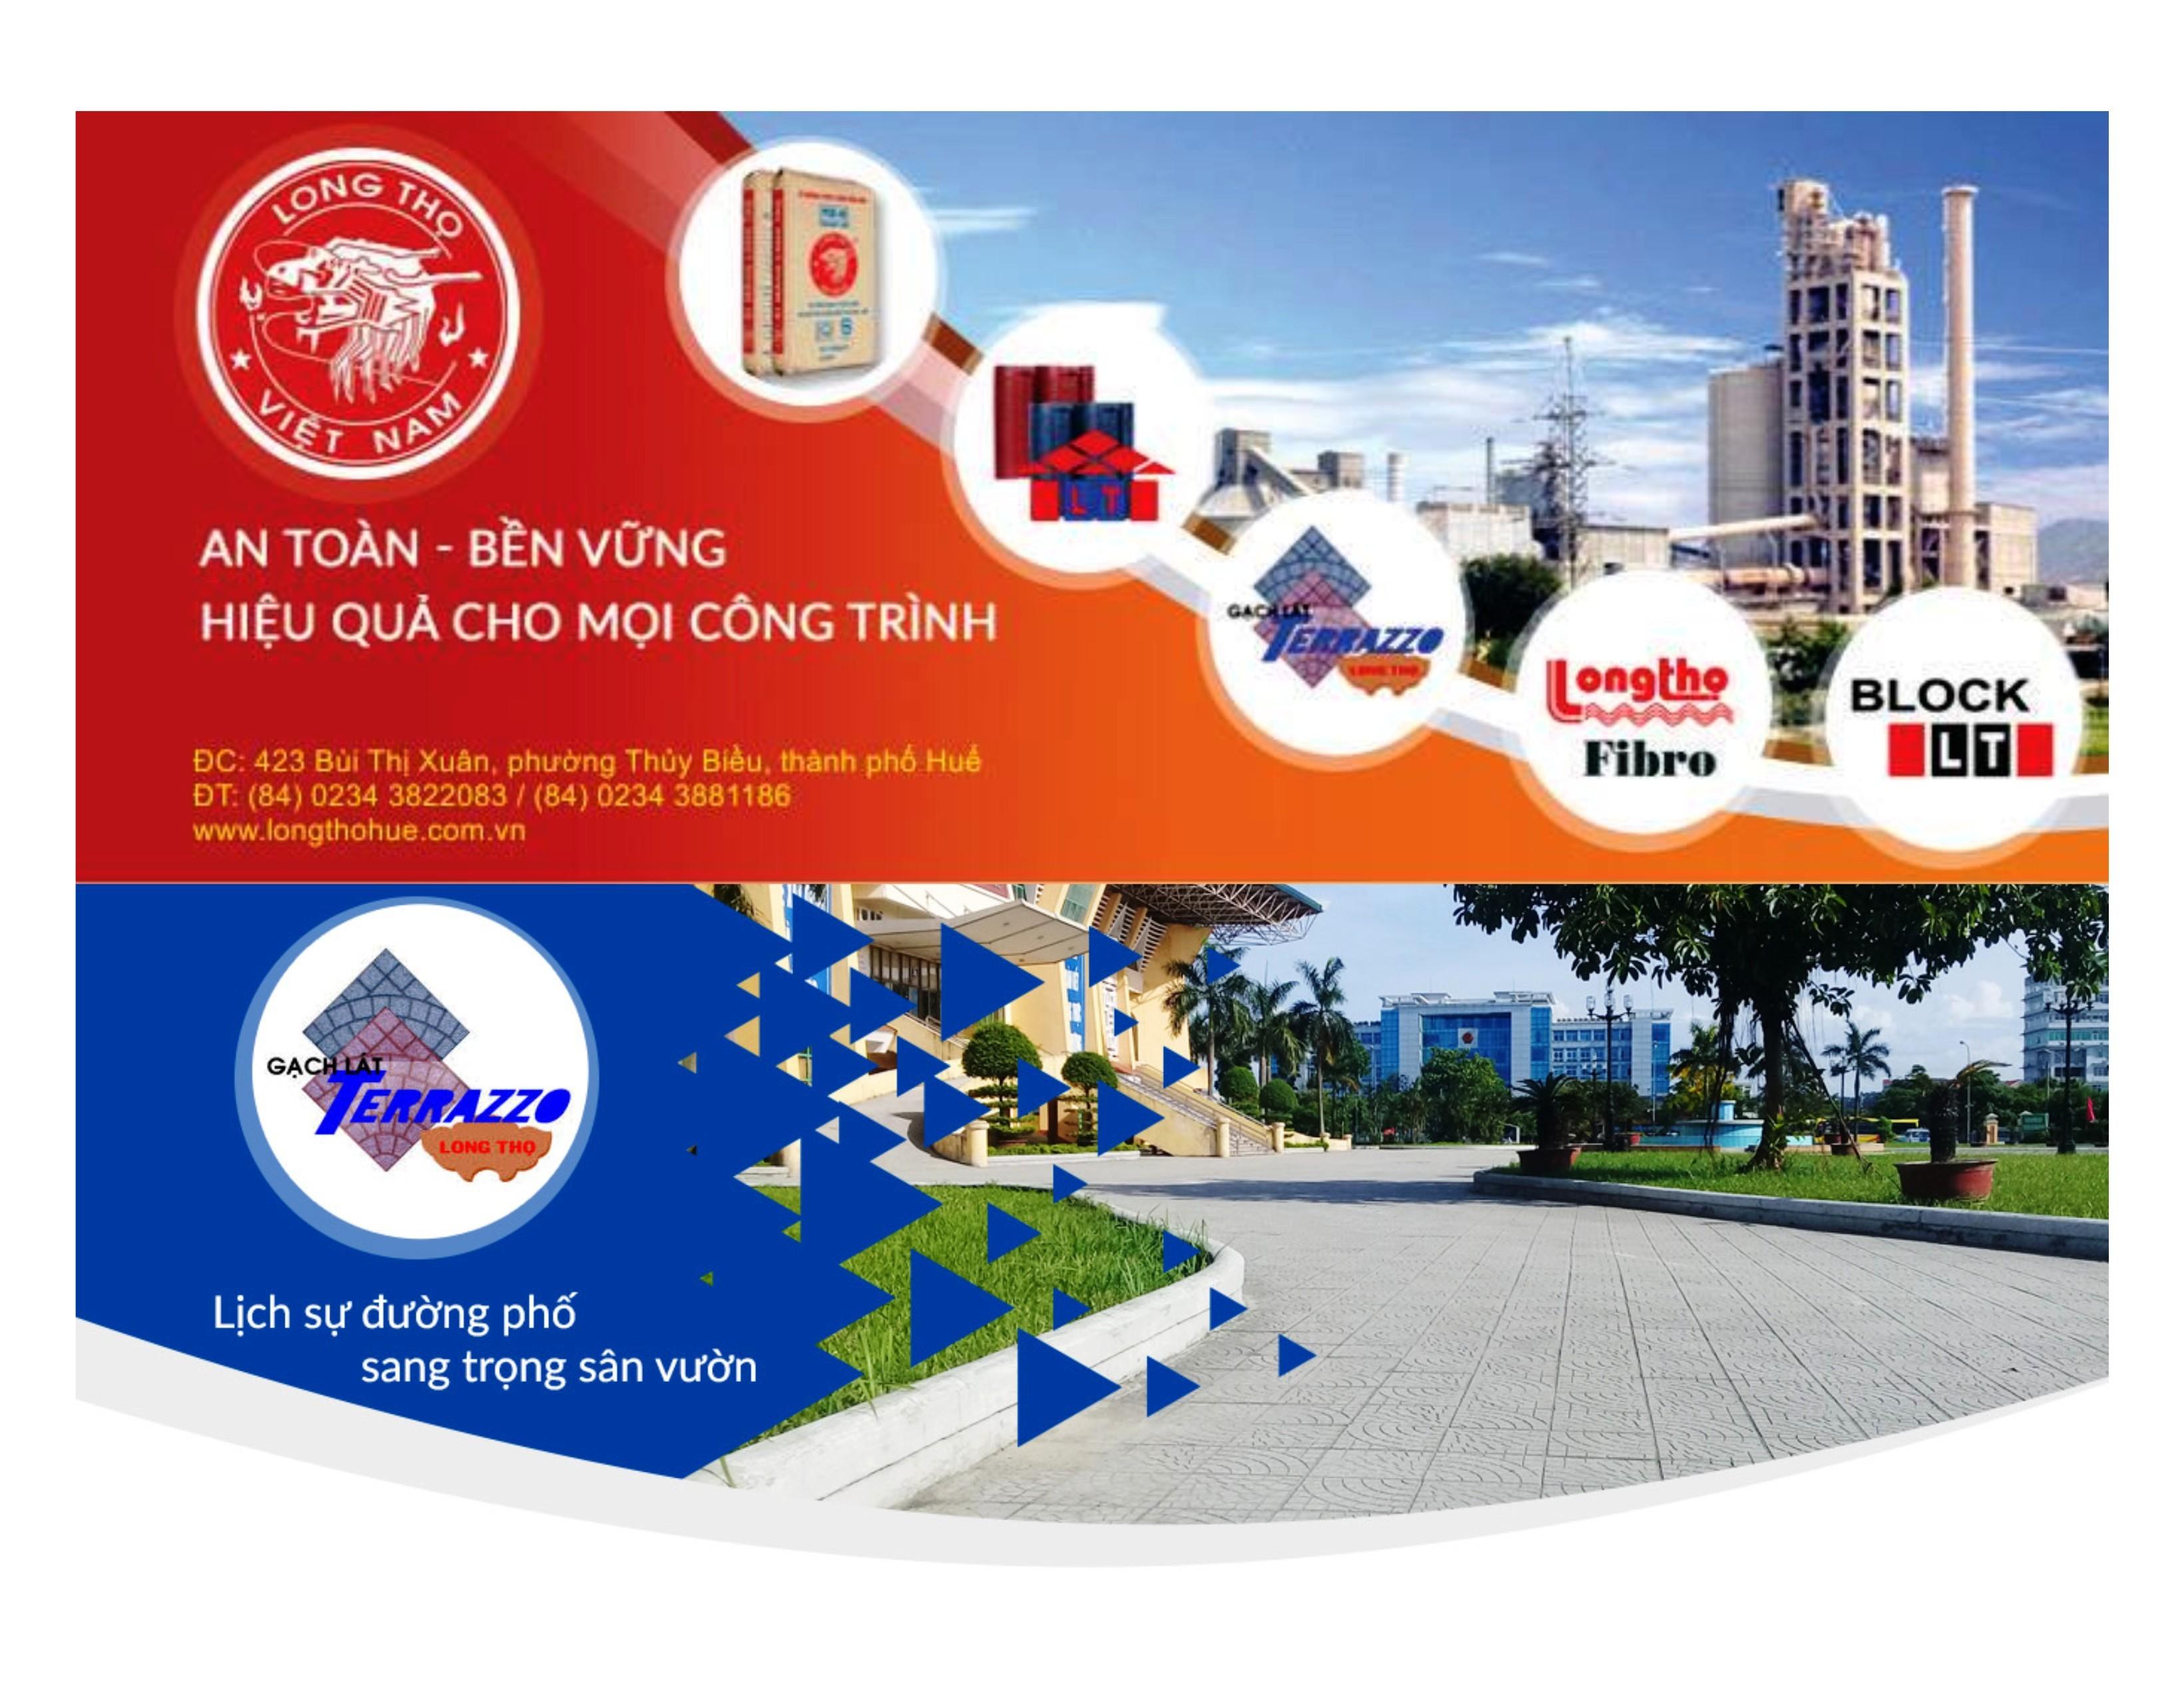 Hoạt động bán hàng trực tuyến trên website www.longthohue.com.vn